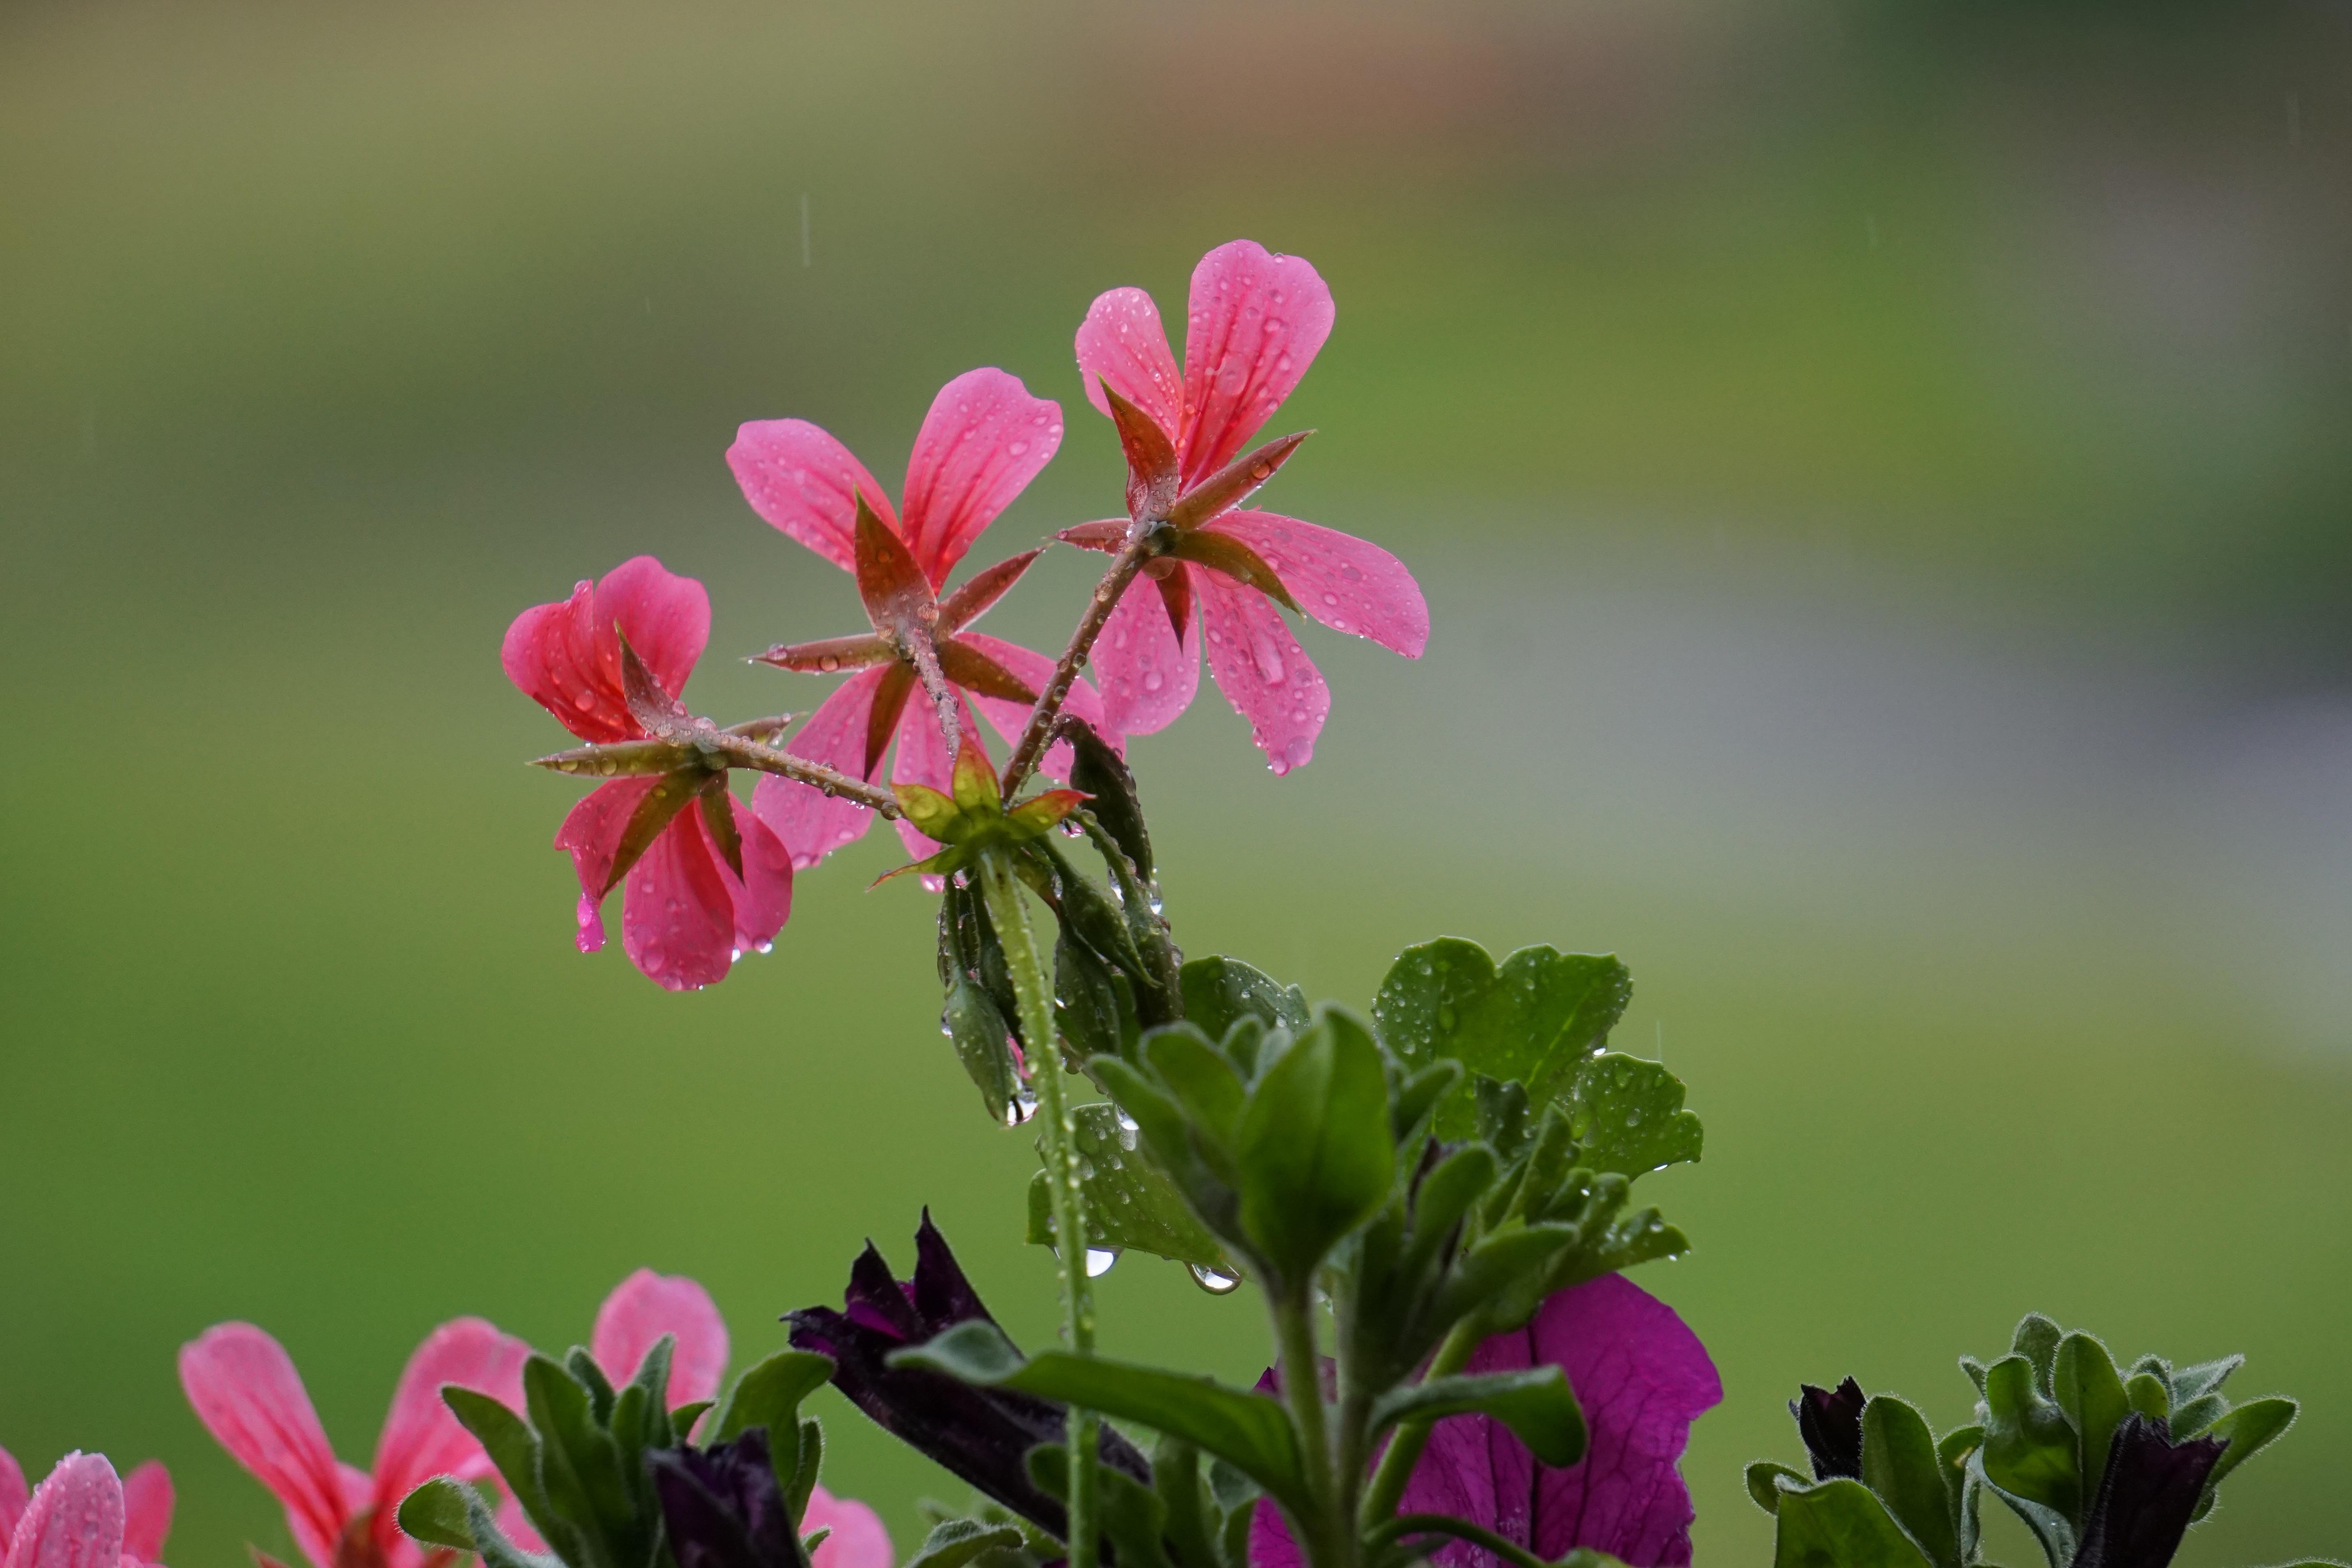 Images Gratuites La Nature Feuille Petale Floraison Vert